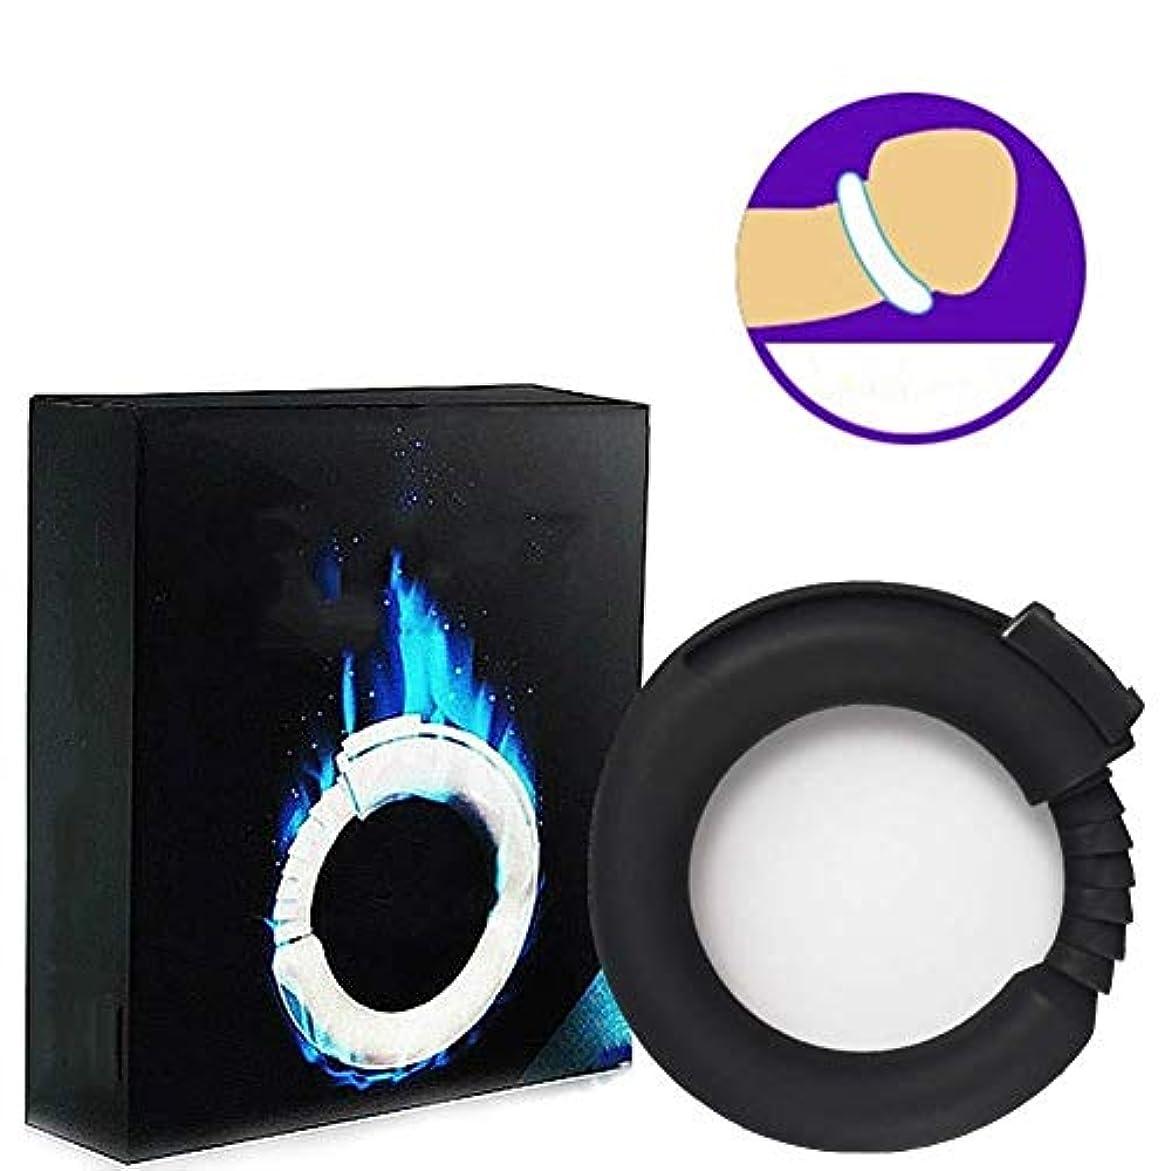 現実には水っぽい珍味振動リング、シリコーン男性強化エクササイズバンドOリング柔軟なリング - 100%医療用グレードシリコーン - リアル感 (Color : Black)